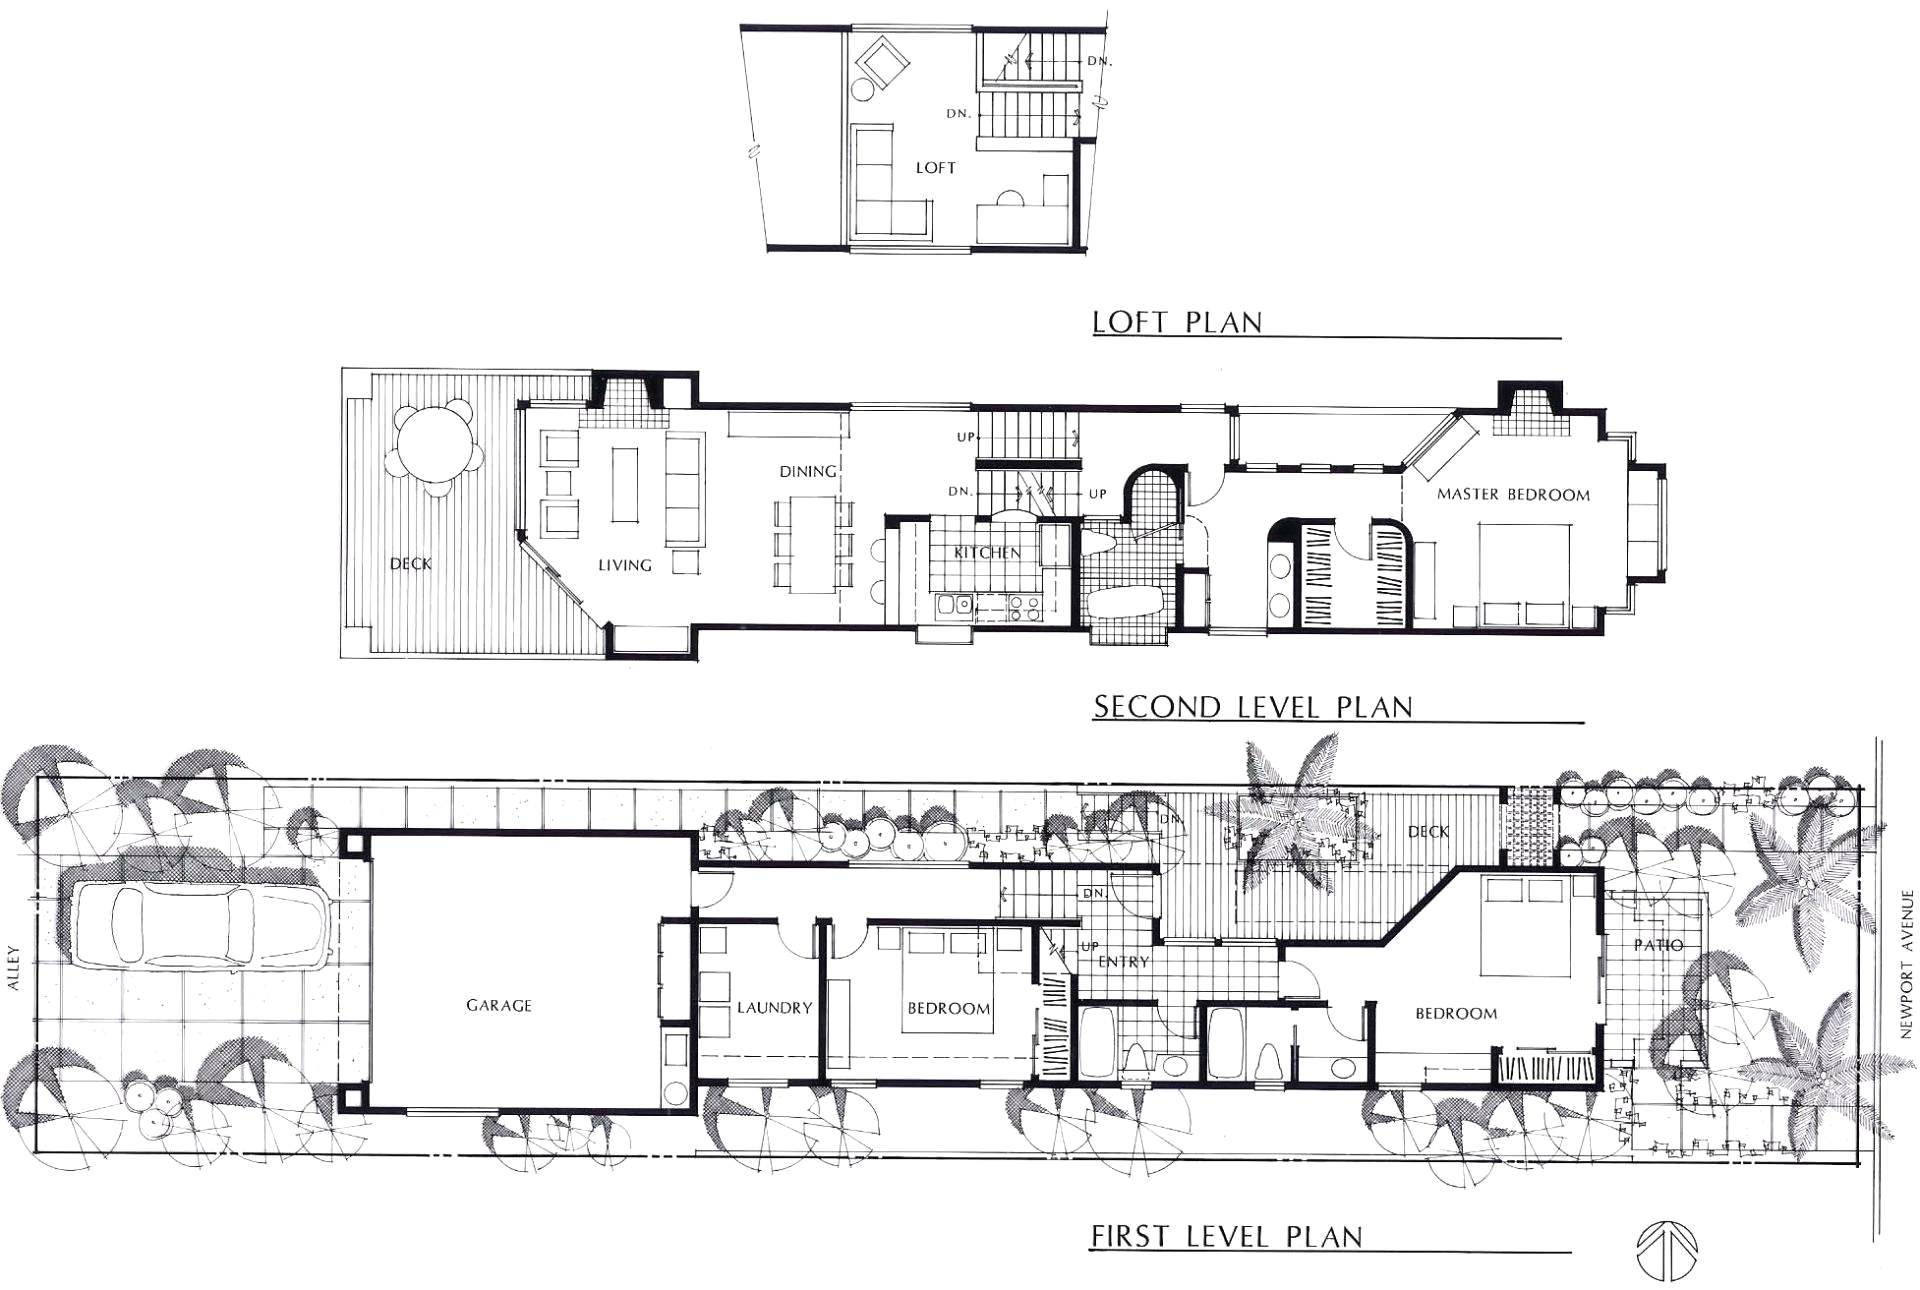 Garage Under House Plans New Floor Loft